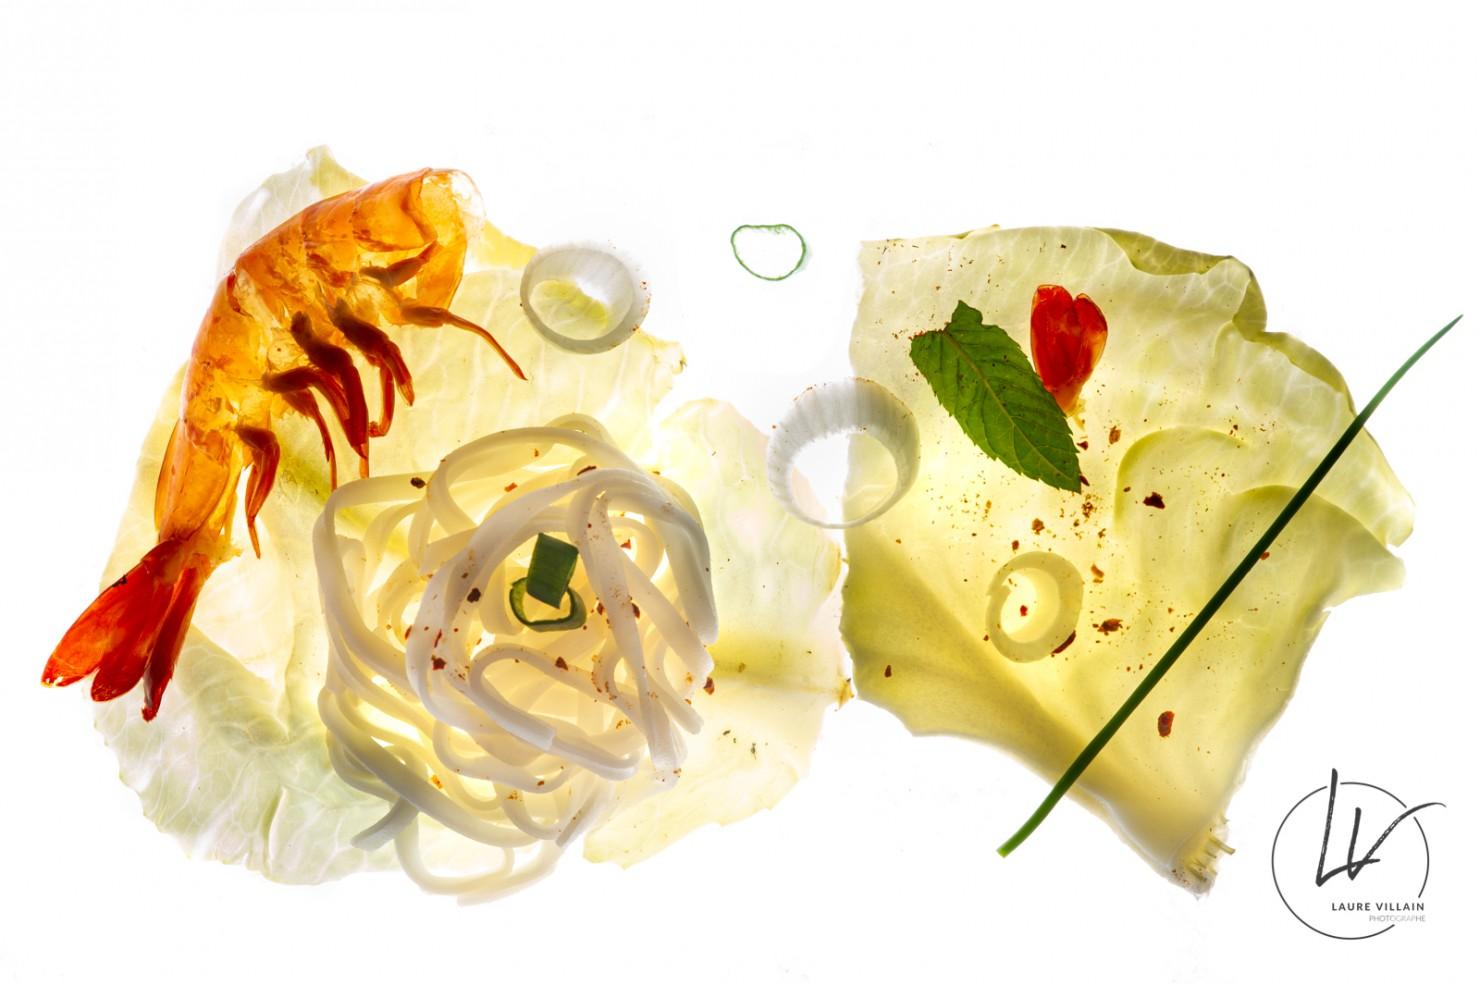 Création culinaire / crevette